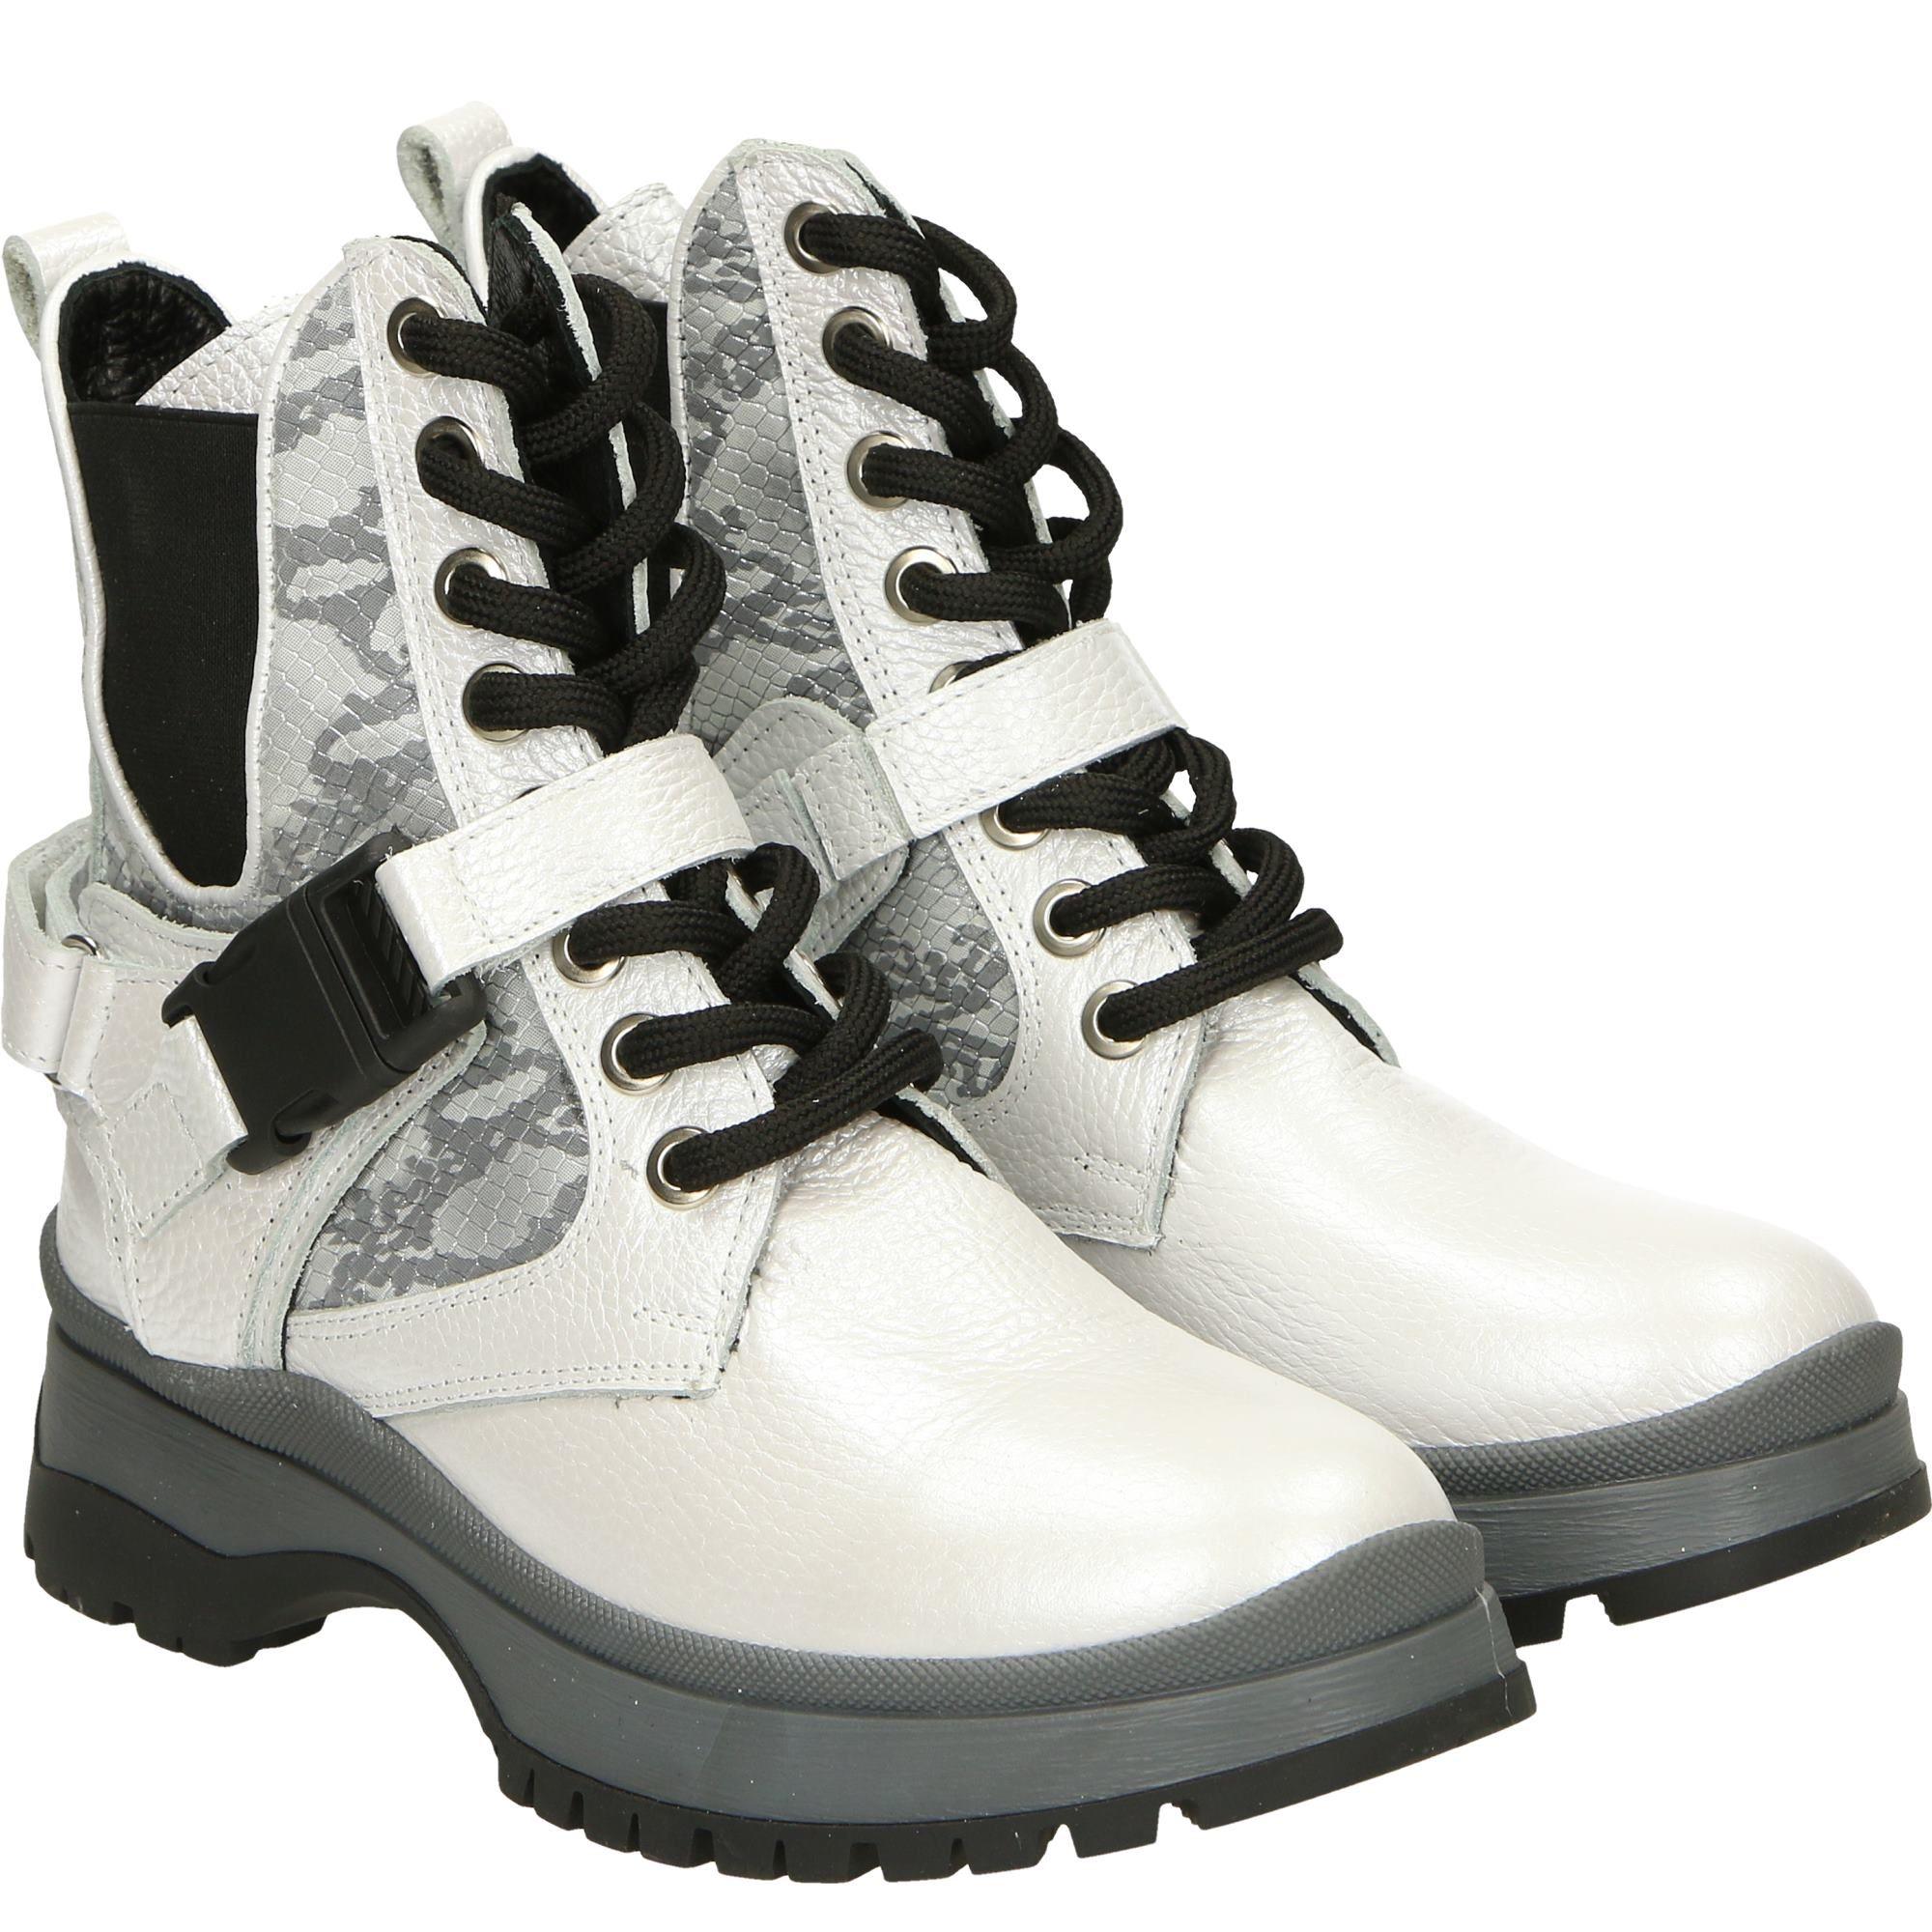 Venezia Firmowy Sklep Online Markowe Buty Online Obuwie Damskie Obuwie Meskie Torby Damskie Kurtki Damskie Hiking Boots Shoes Sneakers